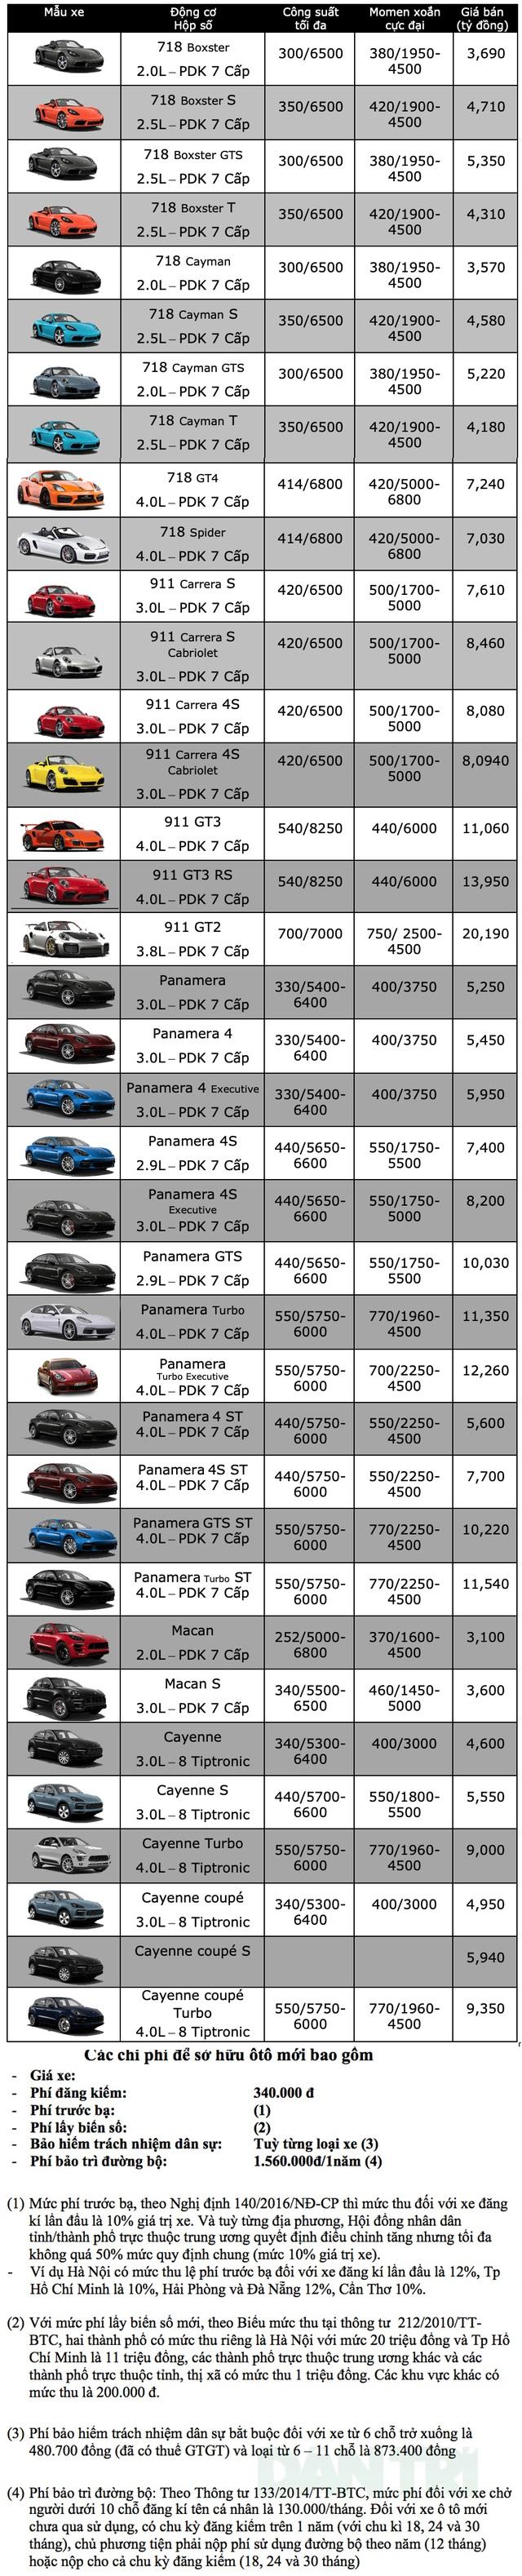 Bảng giá Porsche tại Việt Nam cập nhật tháng 7/2019 - 1